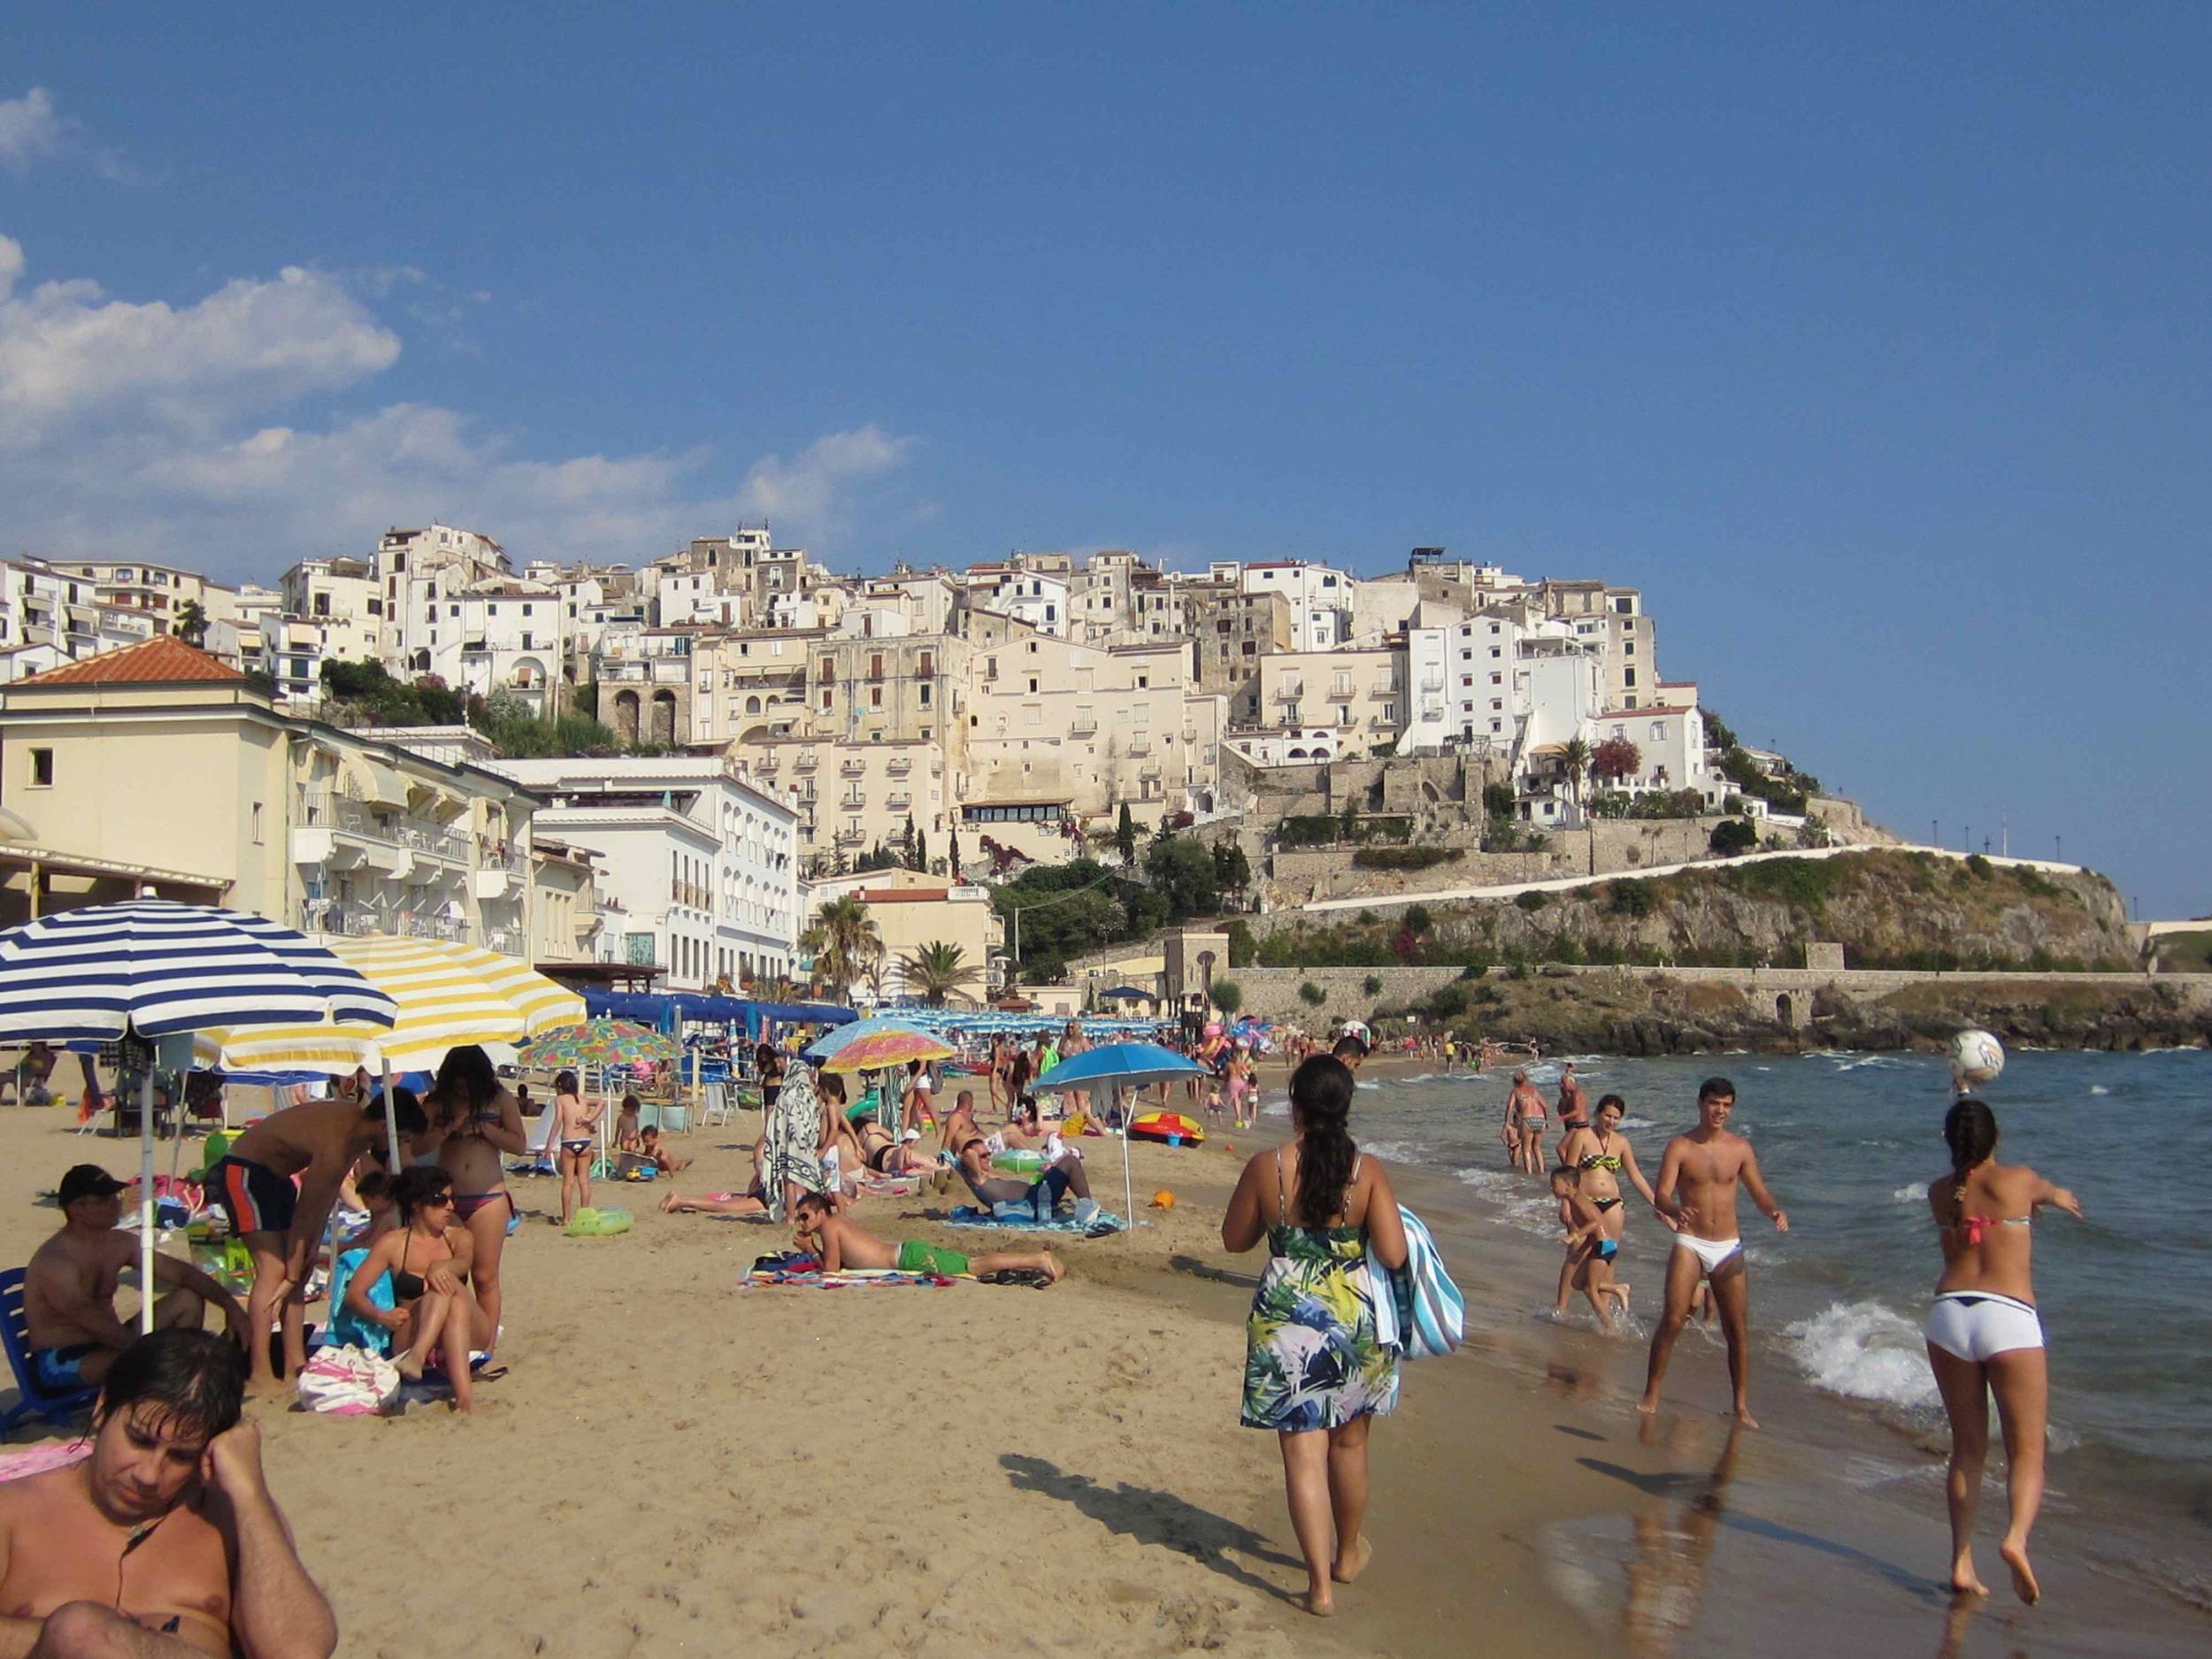 SPERLONGA BEACH   Sperlonga is one of Italy's finest beaches.